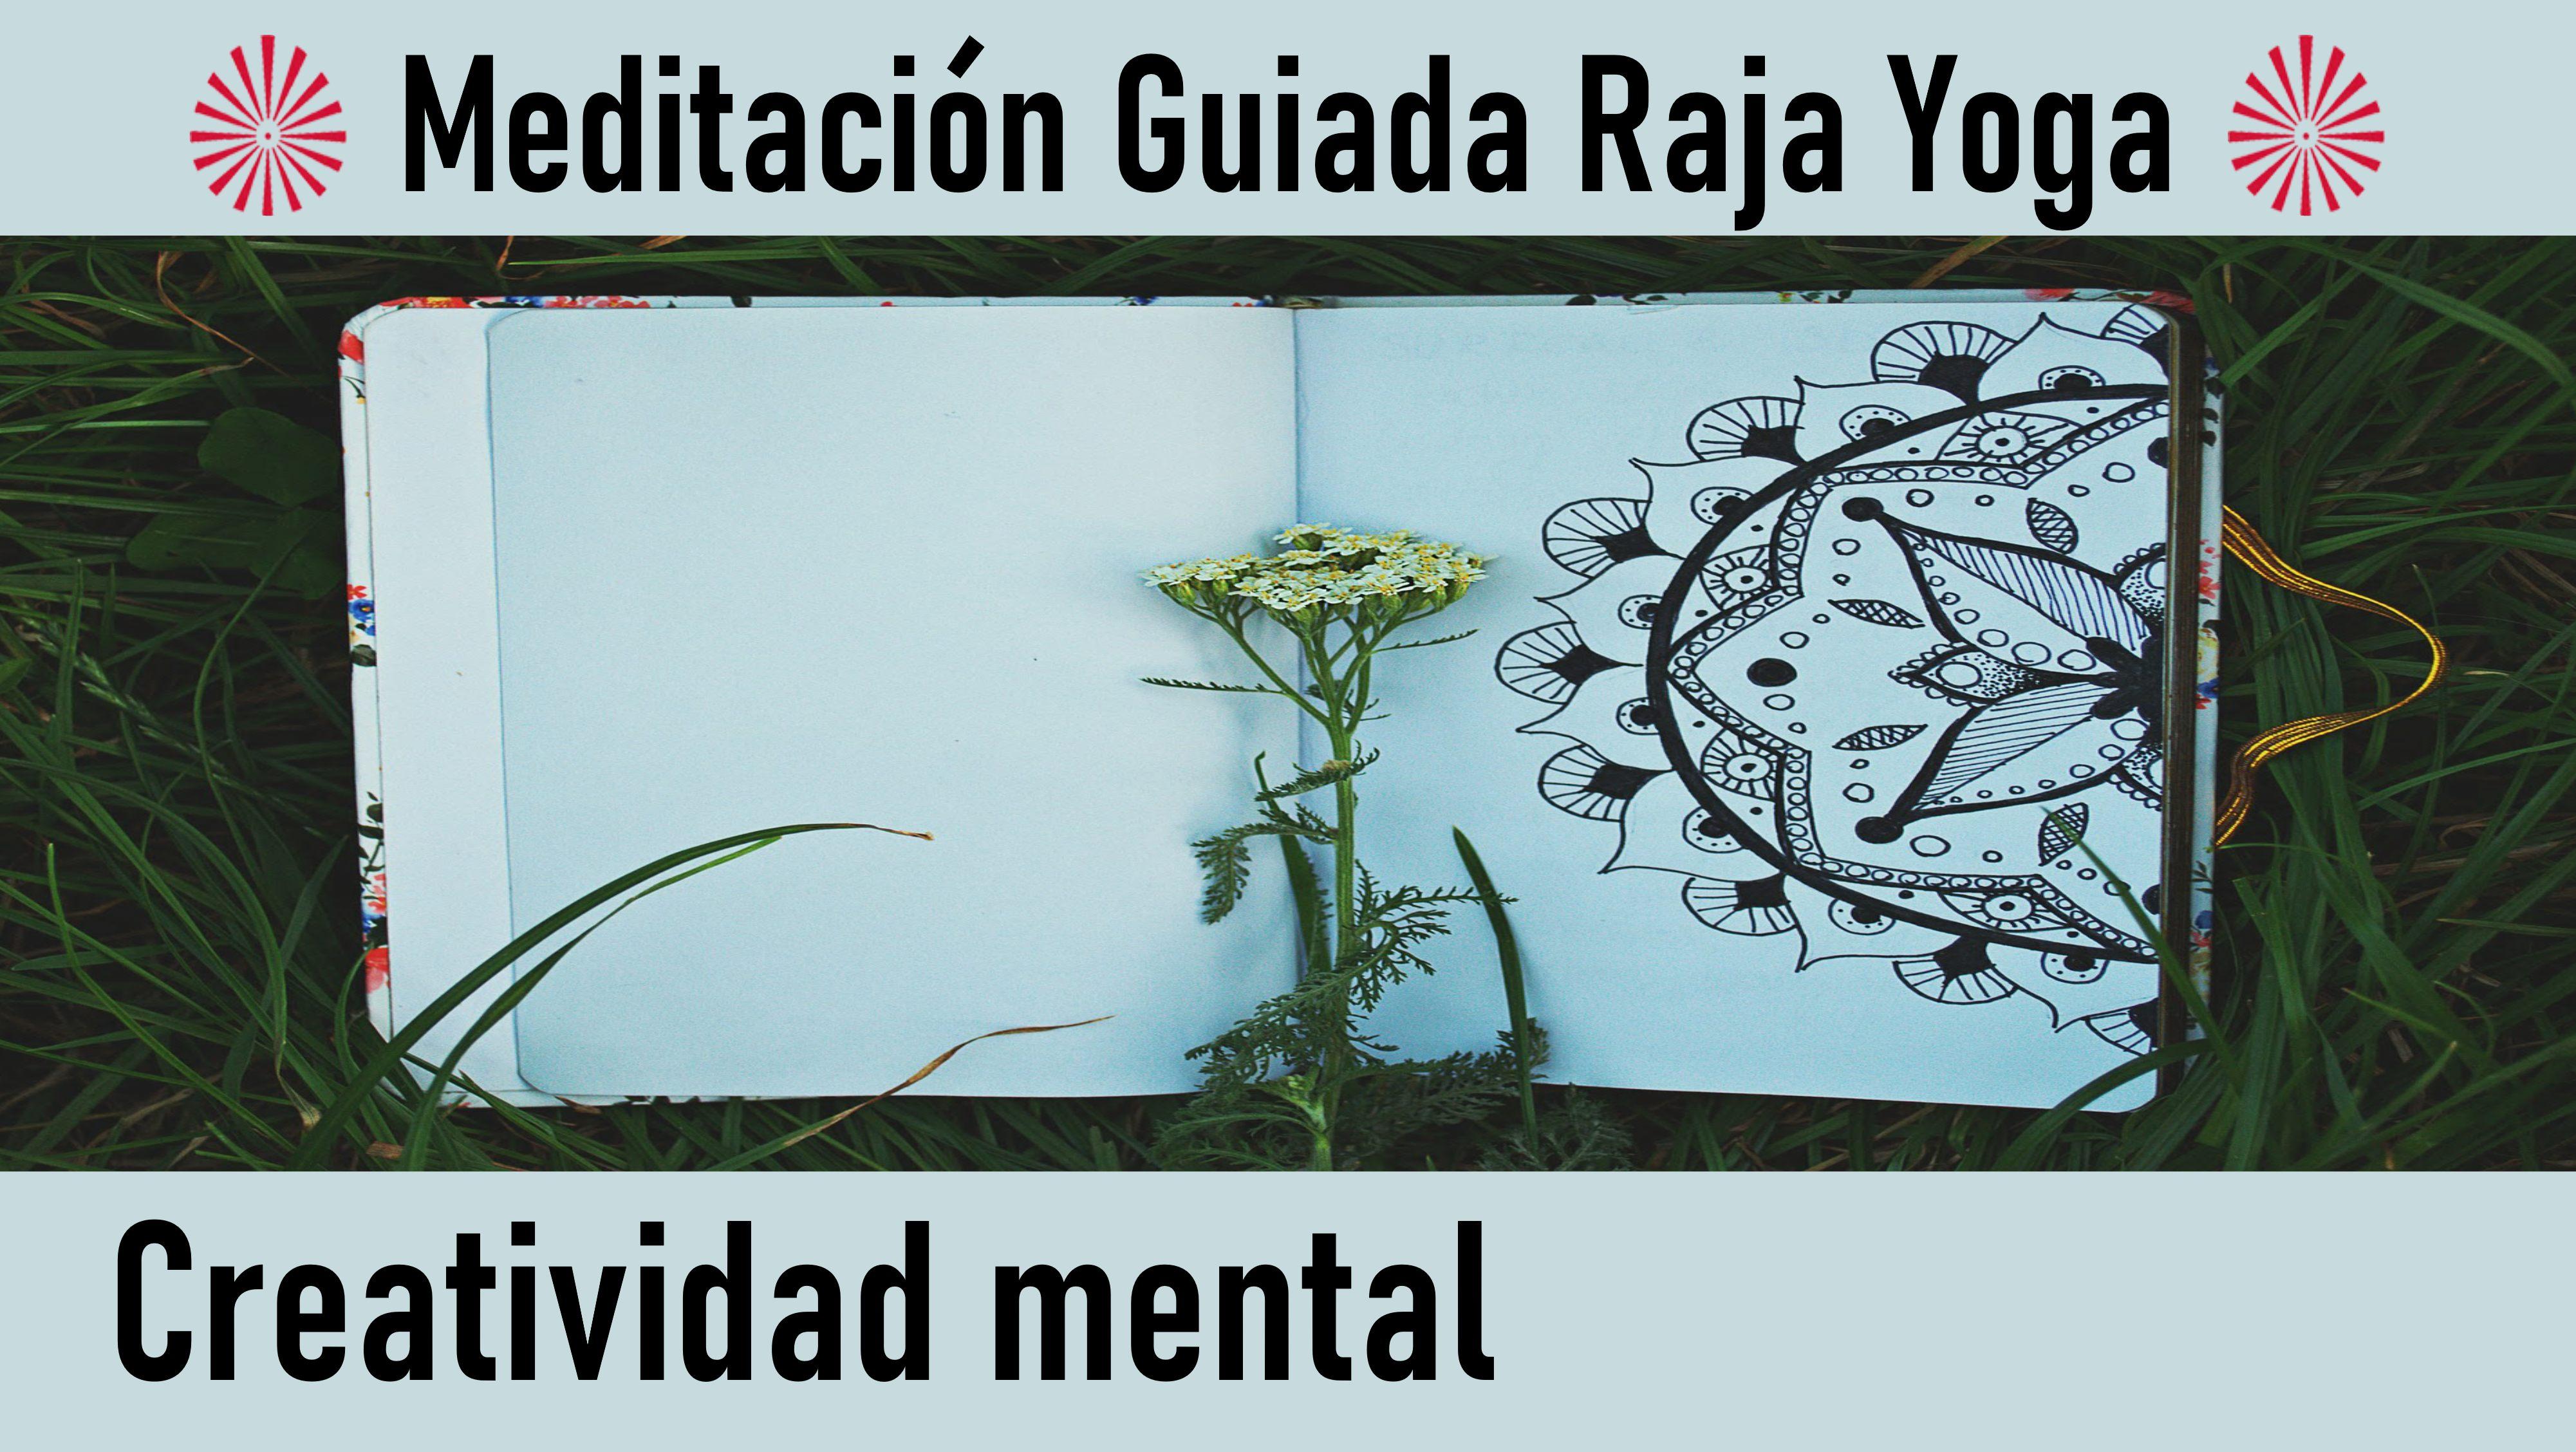 6 Agosto 2020 Meditación guiada: Creatividad mental